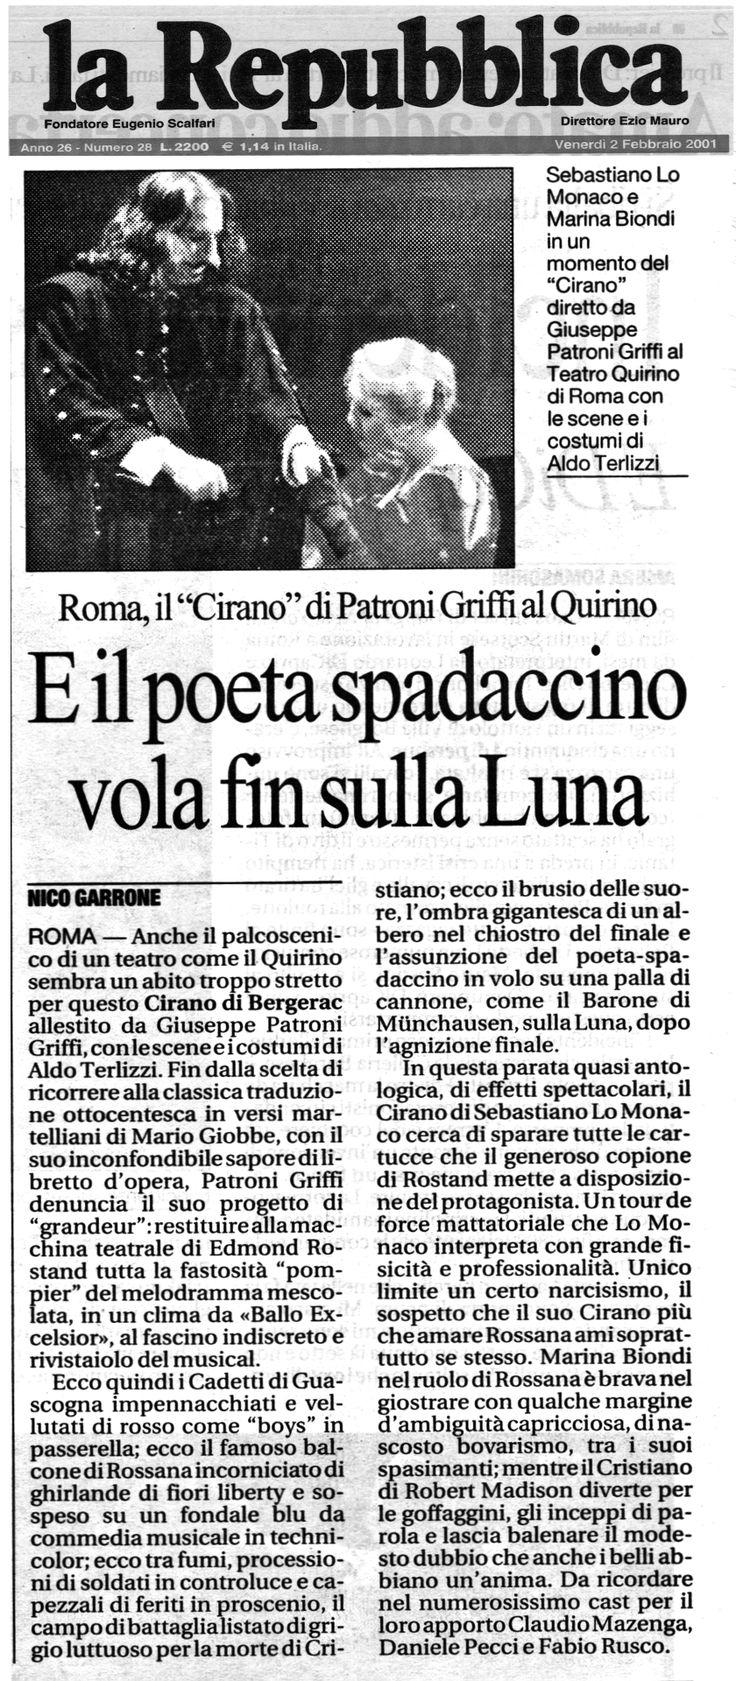 2 febbraio 2001 - La Repubblica  Nico Garrone su Cirano di Bergerac, di Edmond Rostand, regia di Giuseppe Patroni Griffi